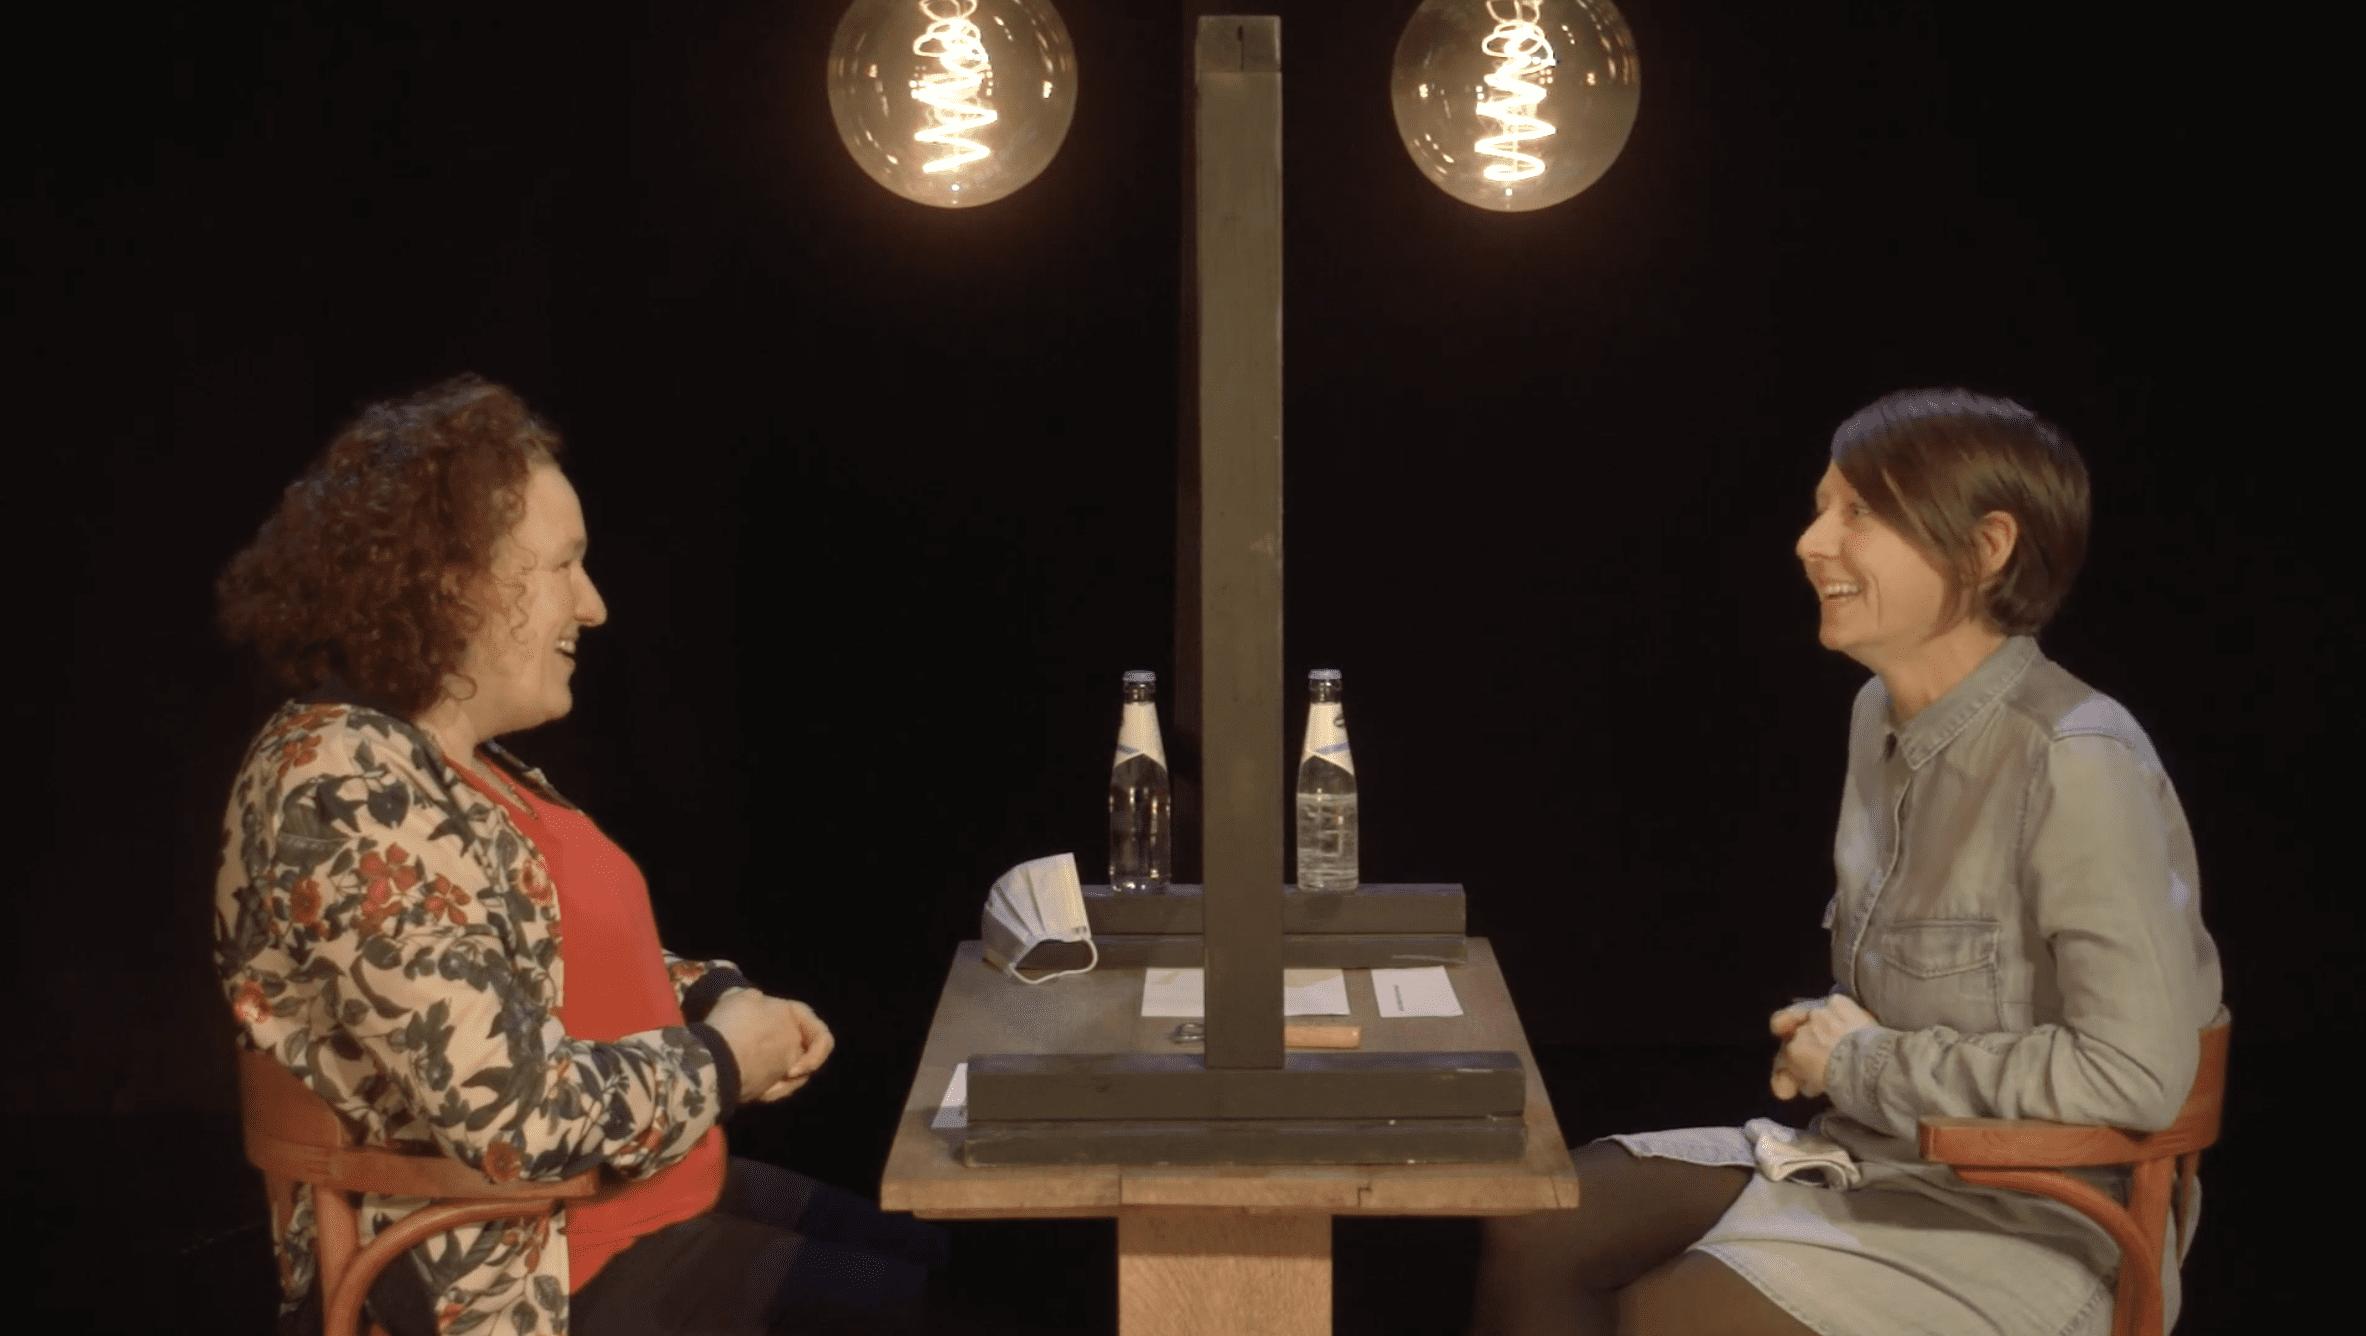 Ellen & Ellen - Niemand die vertelt zoals gij